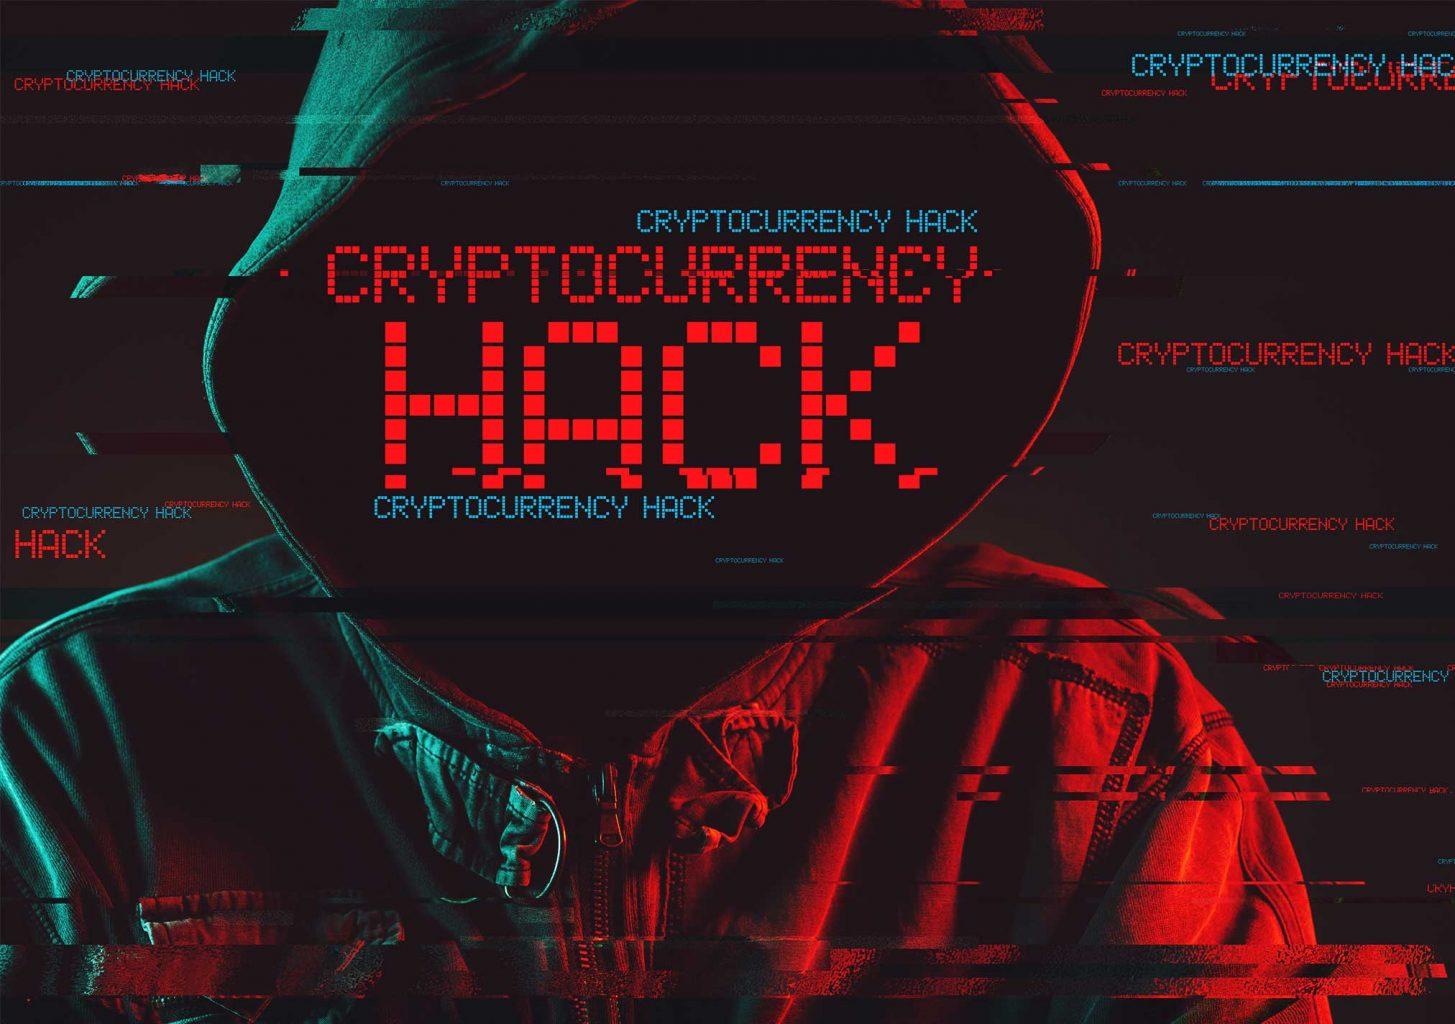 برترین سایت های هک و امنیت-برای هکر شدن - ویرگول